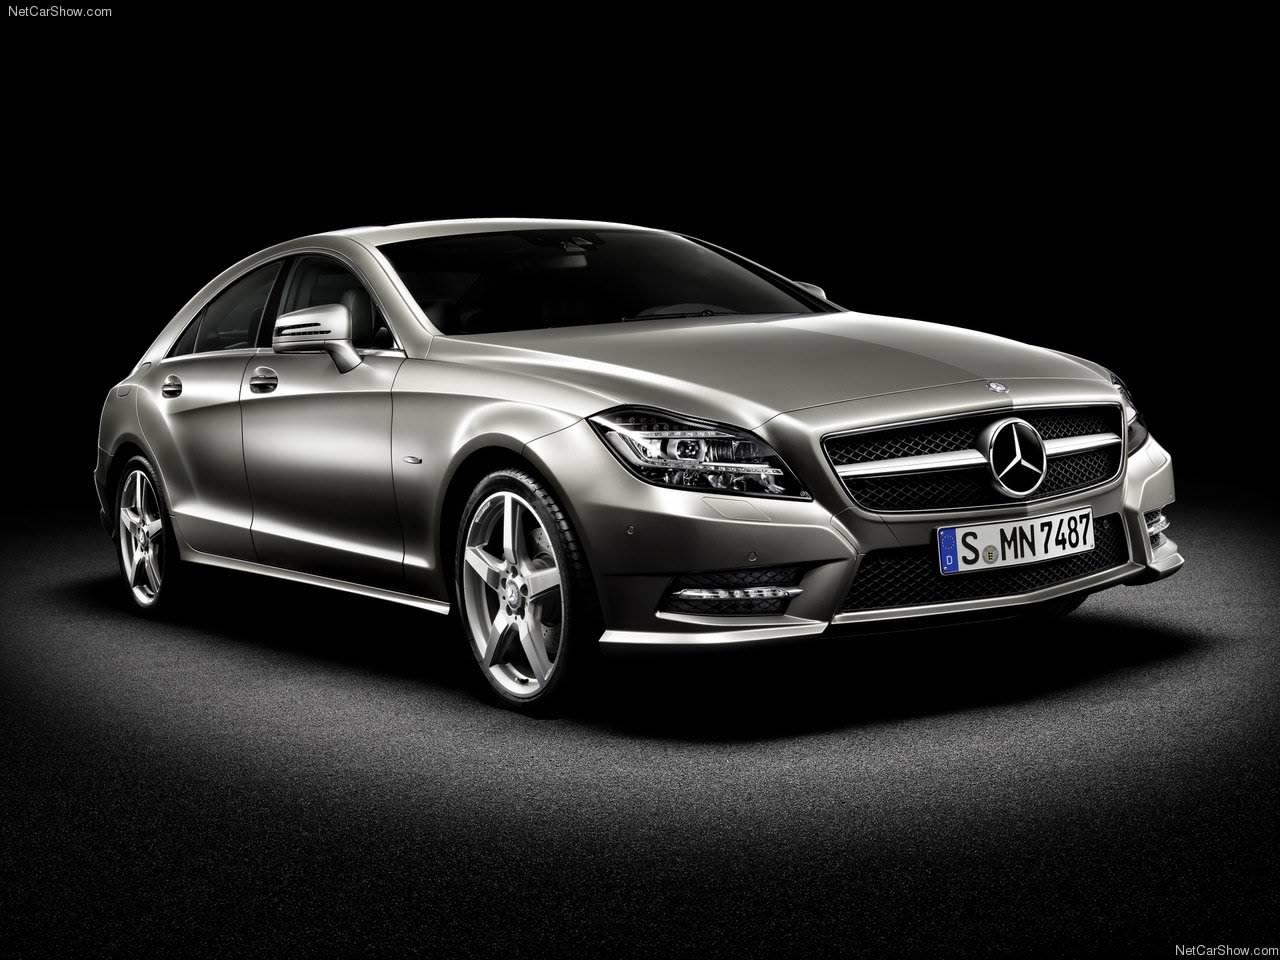 http://3.bp.blogspot.com/-Et0RosMTWZU/Tr0evEK_O4I/AAAAAAAAG9Q/DeYaYTMNROU/s1600/Mercedes-Benz-CLS-Class_2012_1280x960_wallpaper_03.jpg